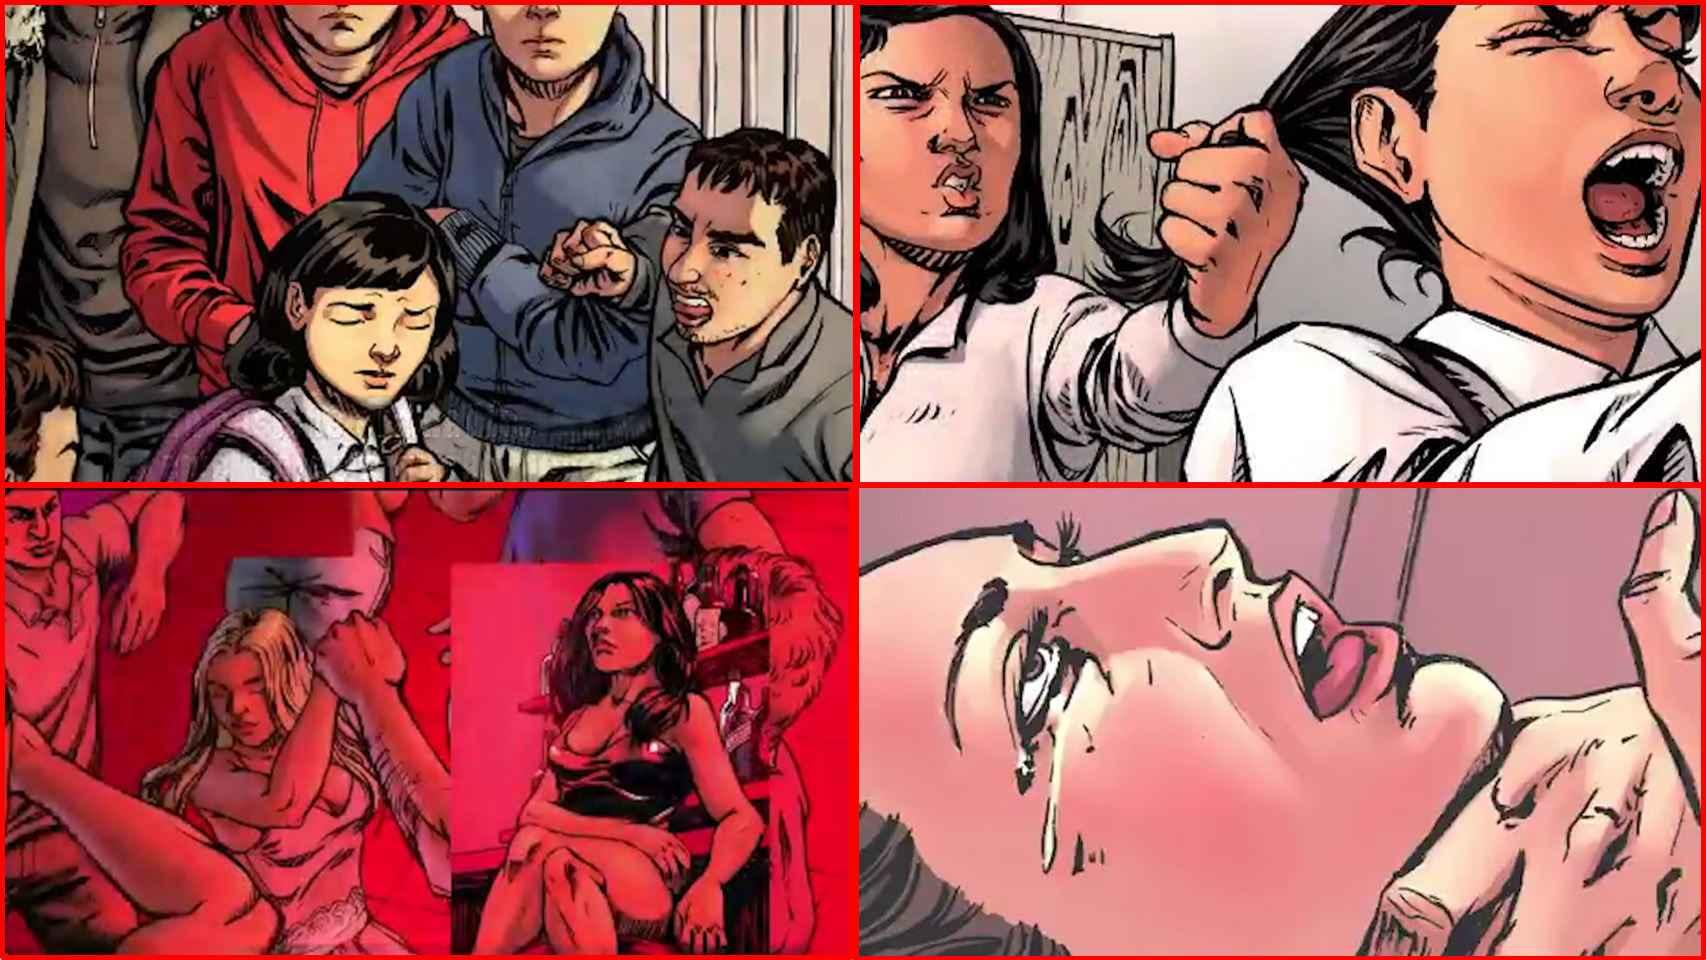 Escenas del cómic 'Amelia, historia de una lucha', presentado por el Instituto de las Mujeres.